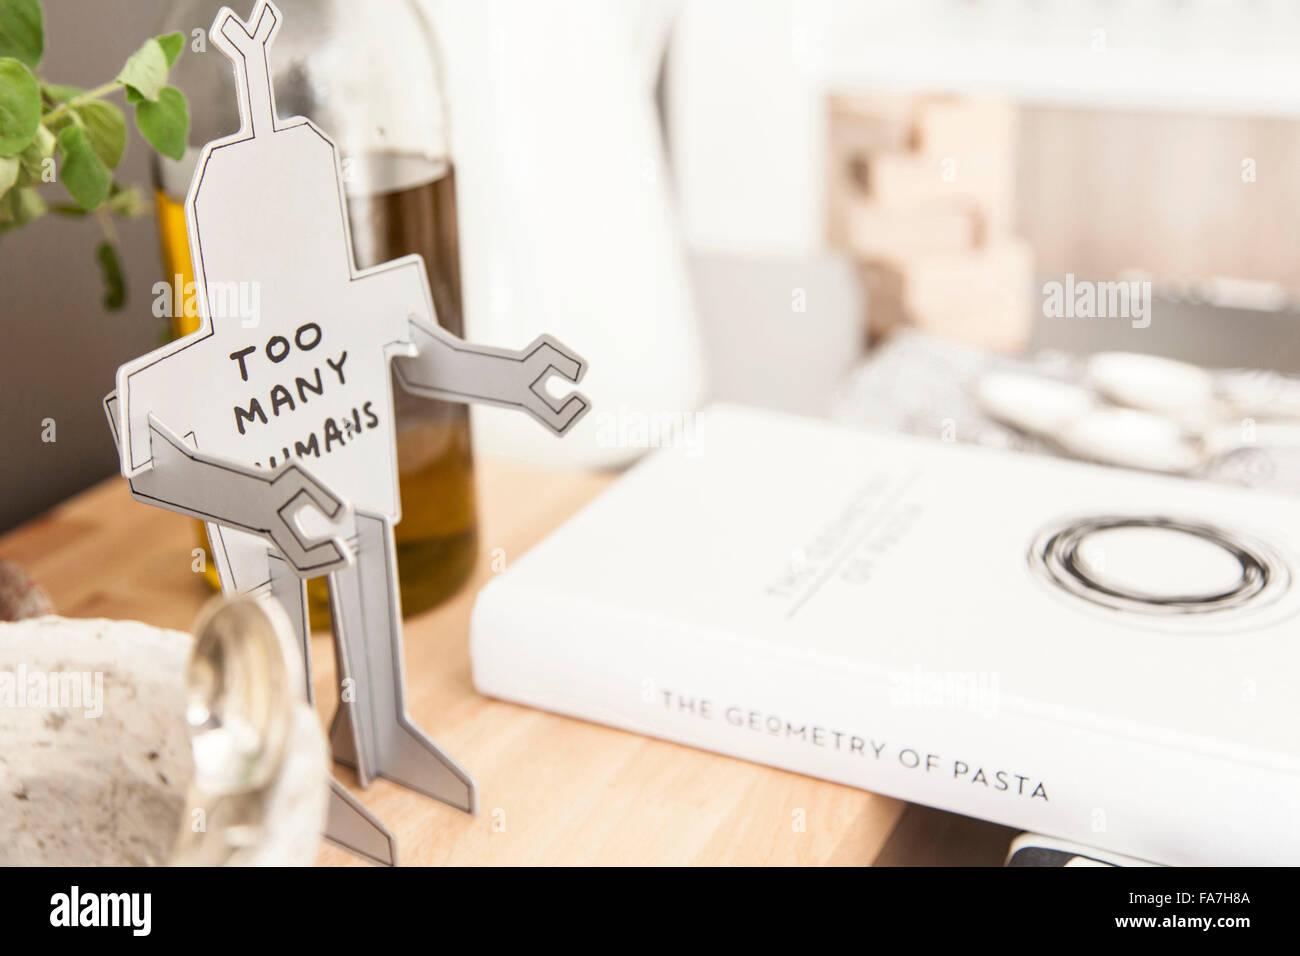 Carro de la cocina de una casa combinando estilo moderno minimalista con visualización de objetos tradicionales Imagen De Stock